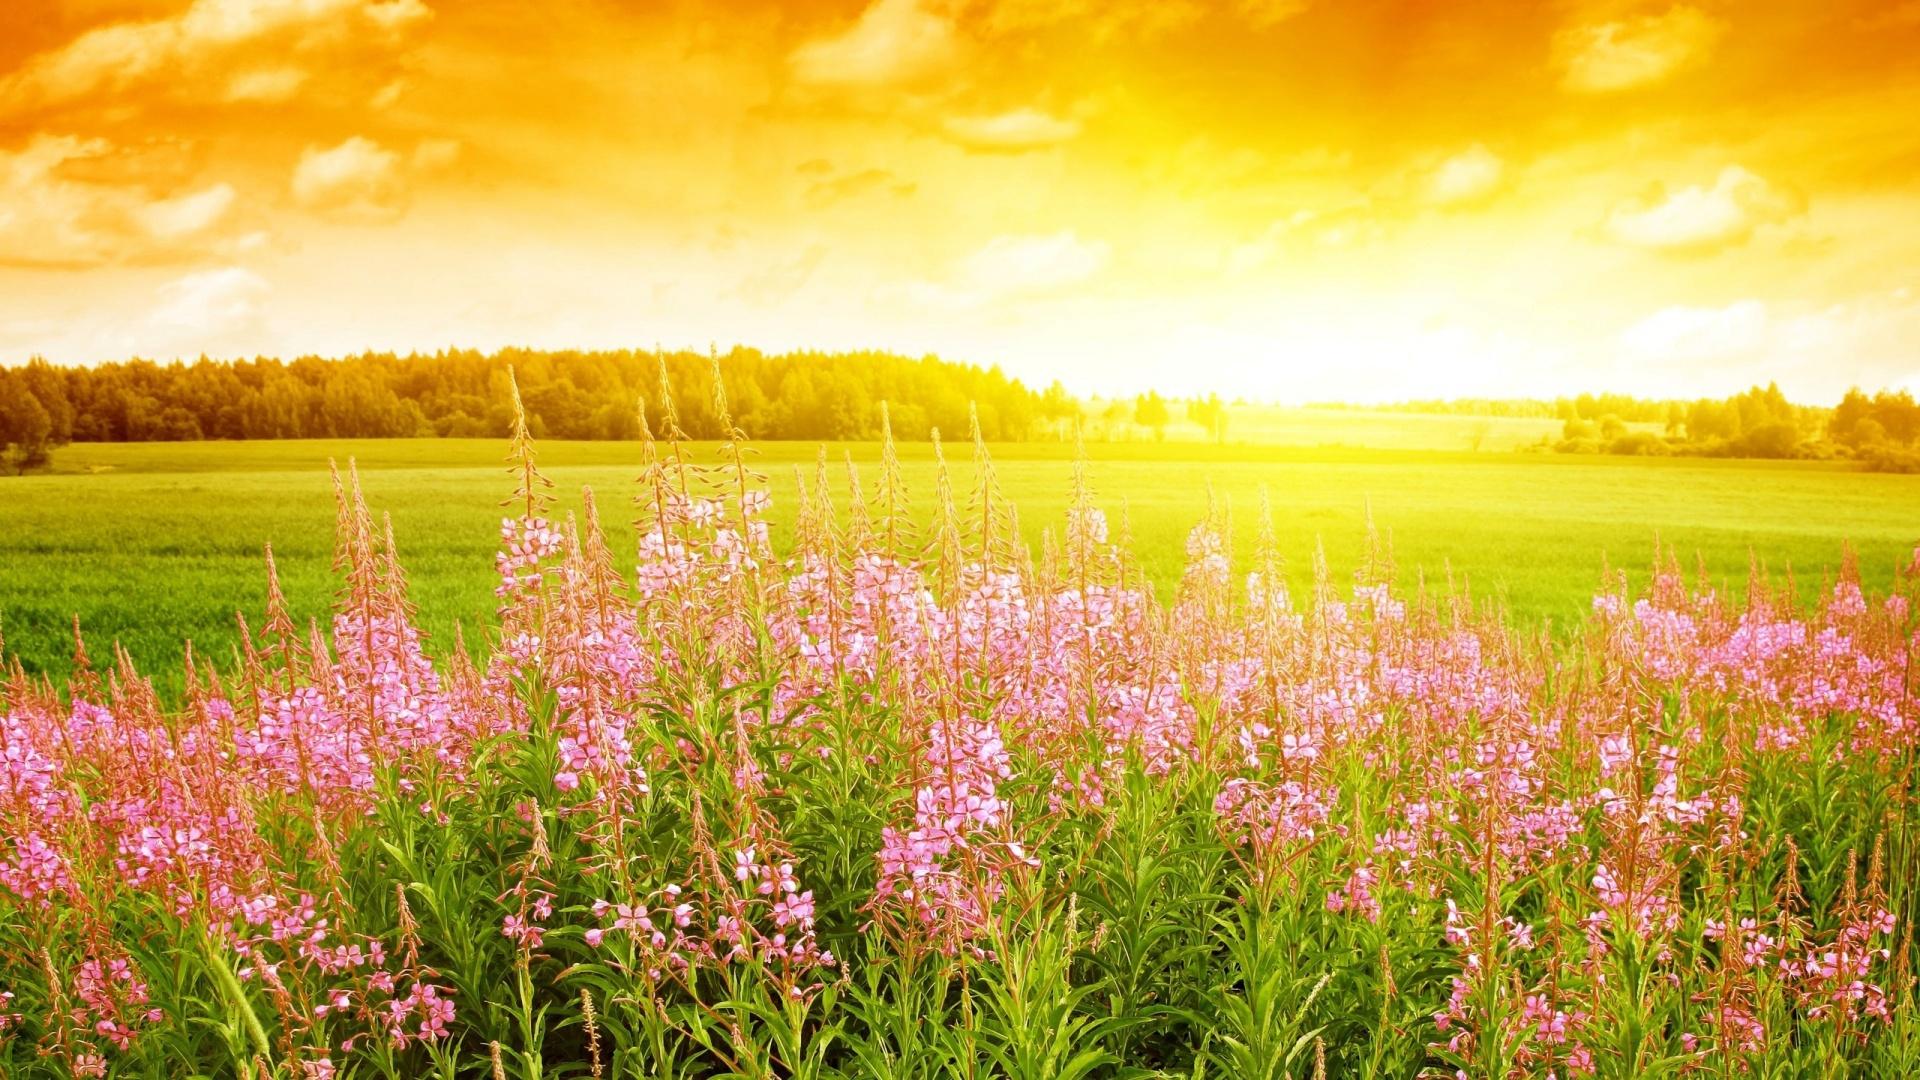 summer_field_flowers-1920x1080.jpg